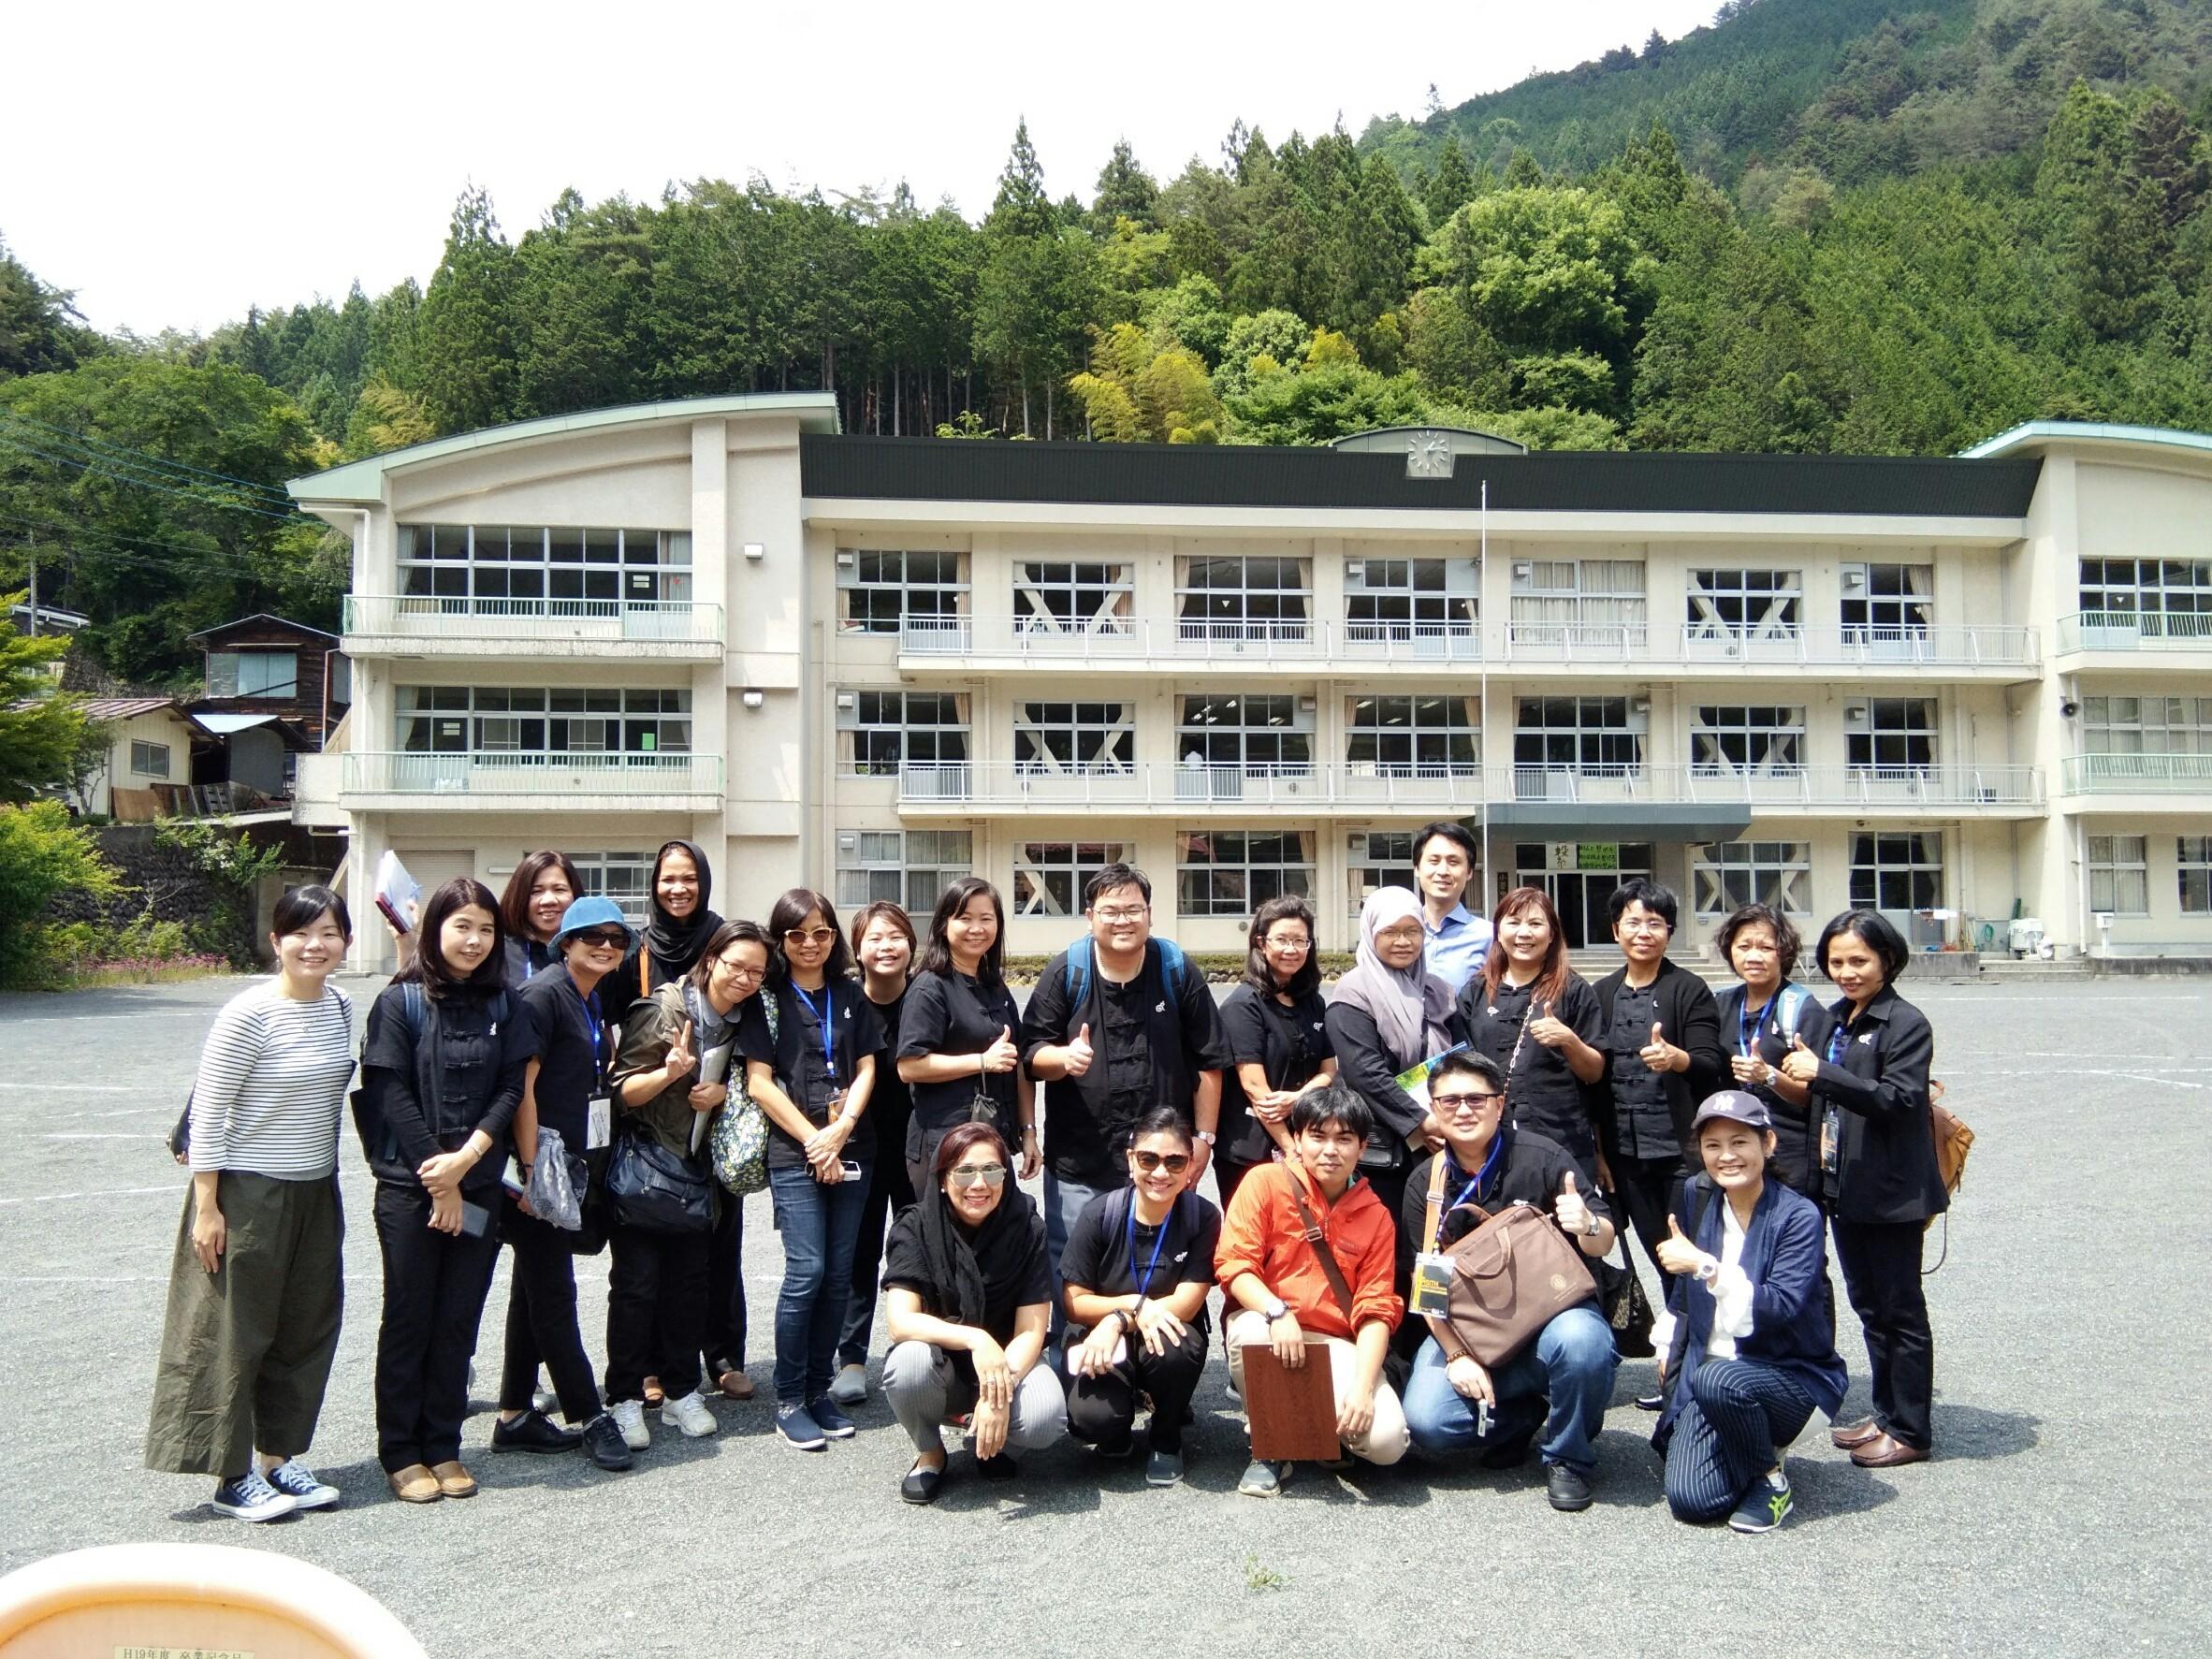 世界から見る、日本の山村の魅力とリアル